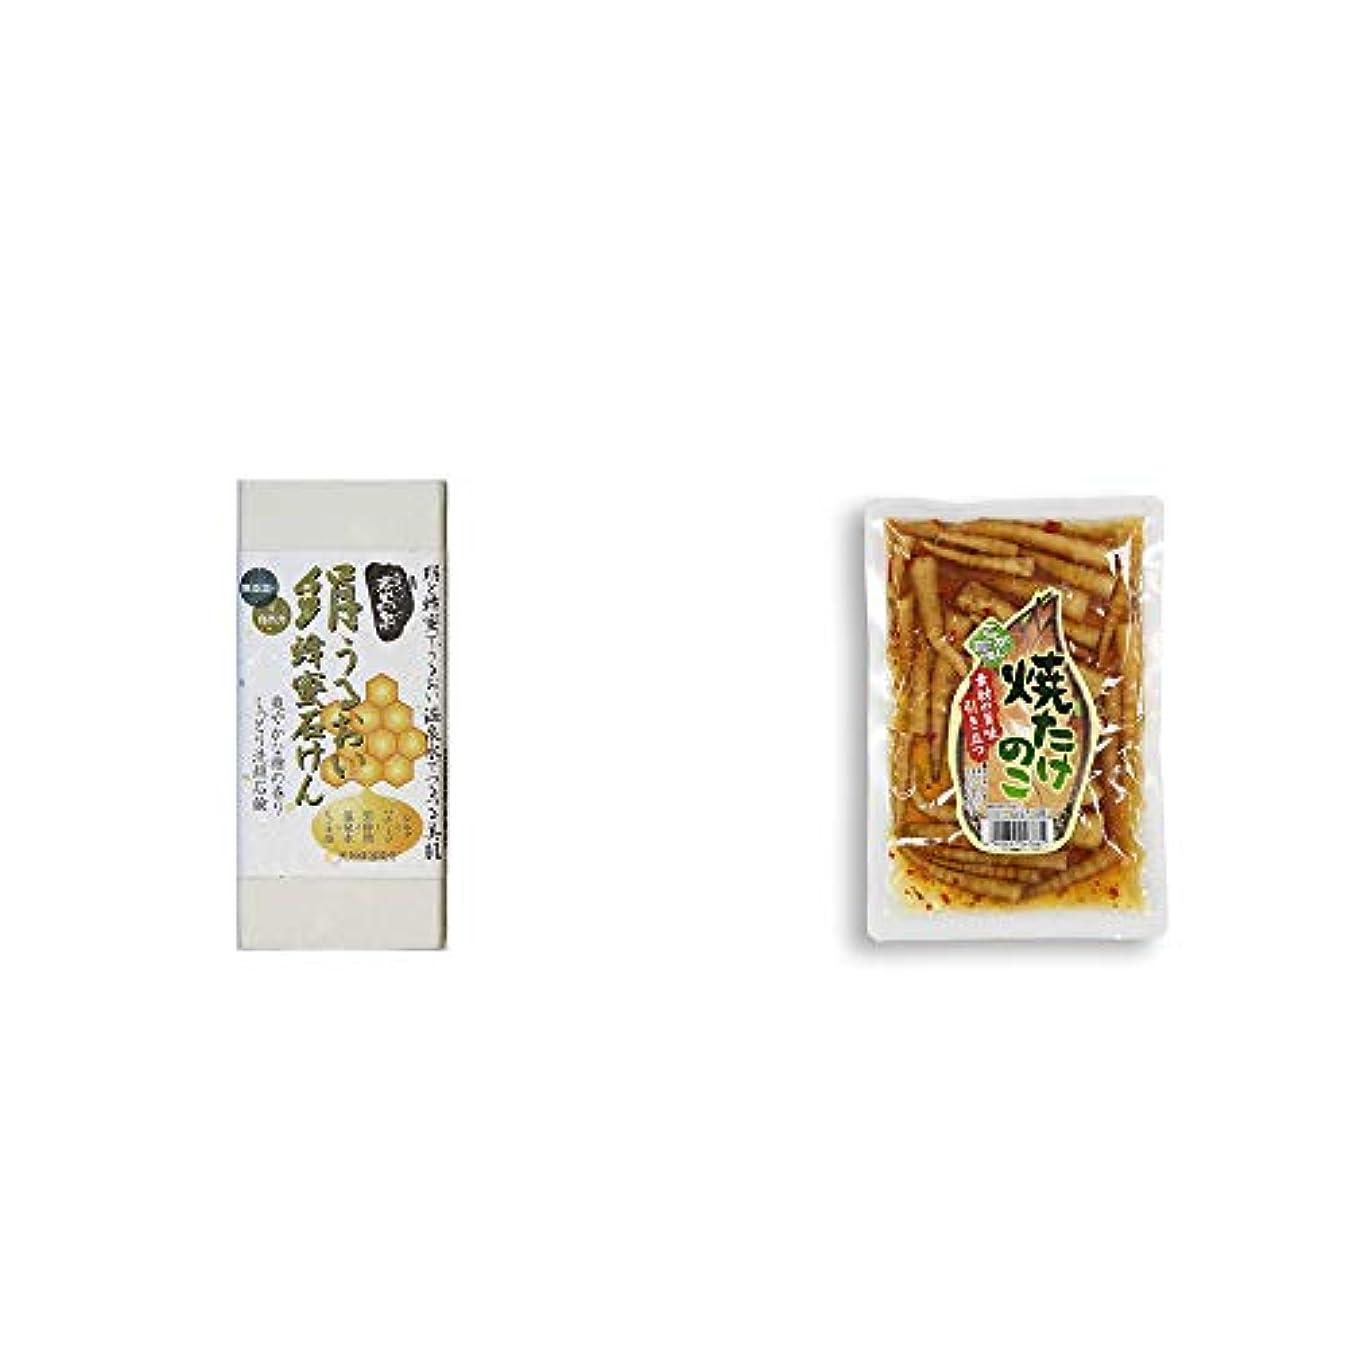 ビーチ欺提供[2点セット] ひのき炭黒泉 絹うるおい蜂蜜石けん(75g×2)?焼たけのこ(300g)